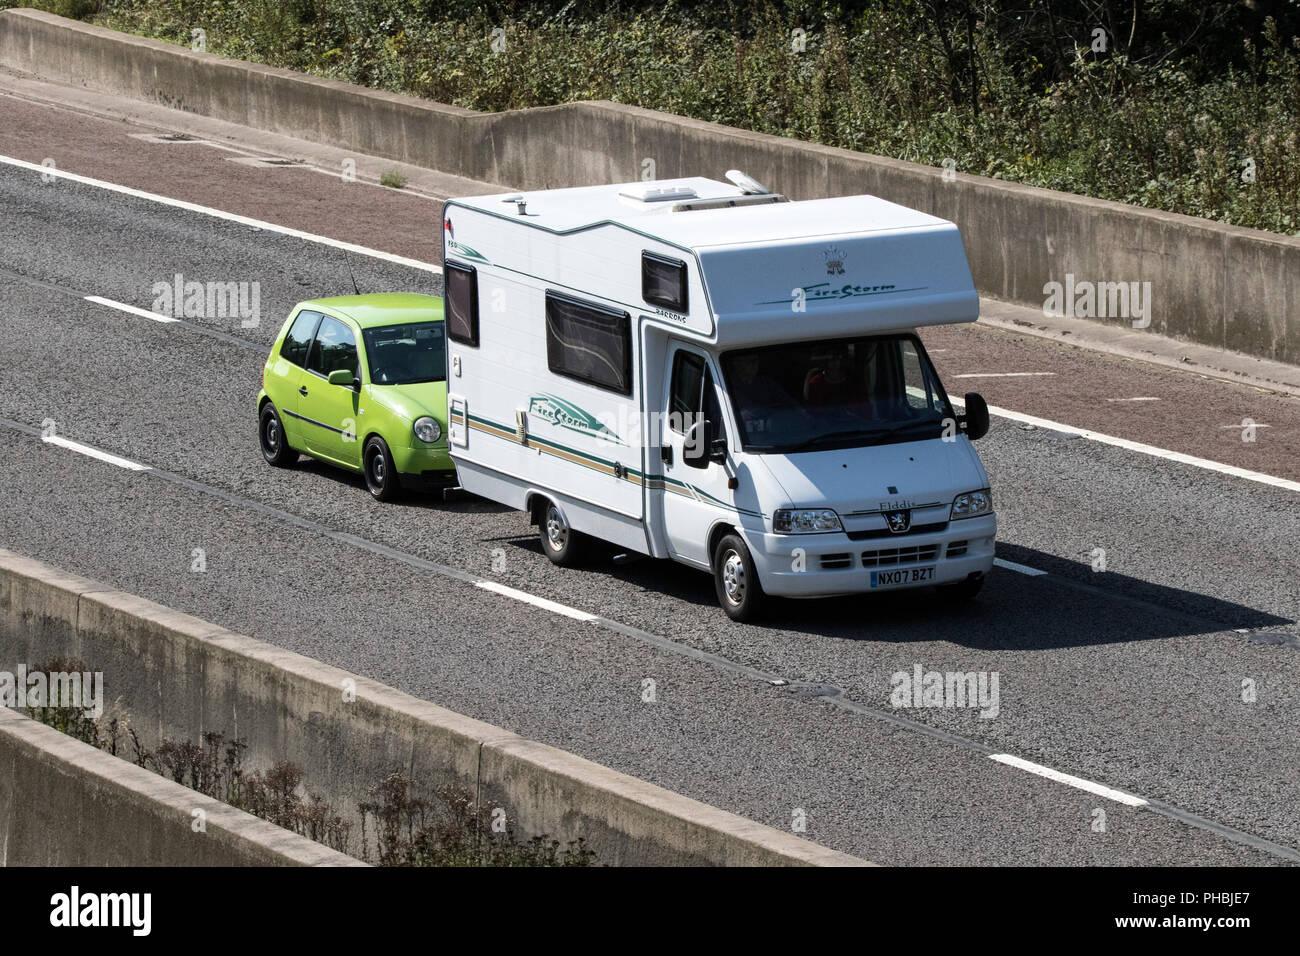 Peugeot Boxer Lx Mwb Hdi Motorhome Caravan Camper Van Stock Photo Alamy